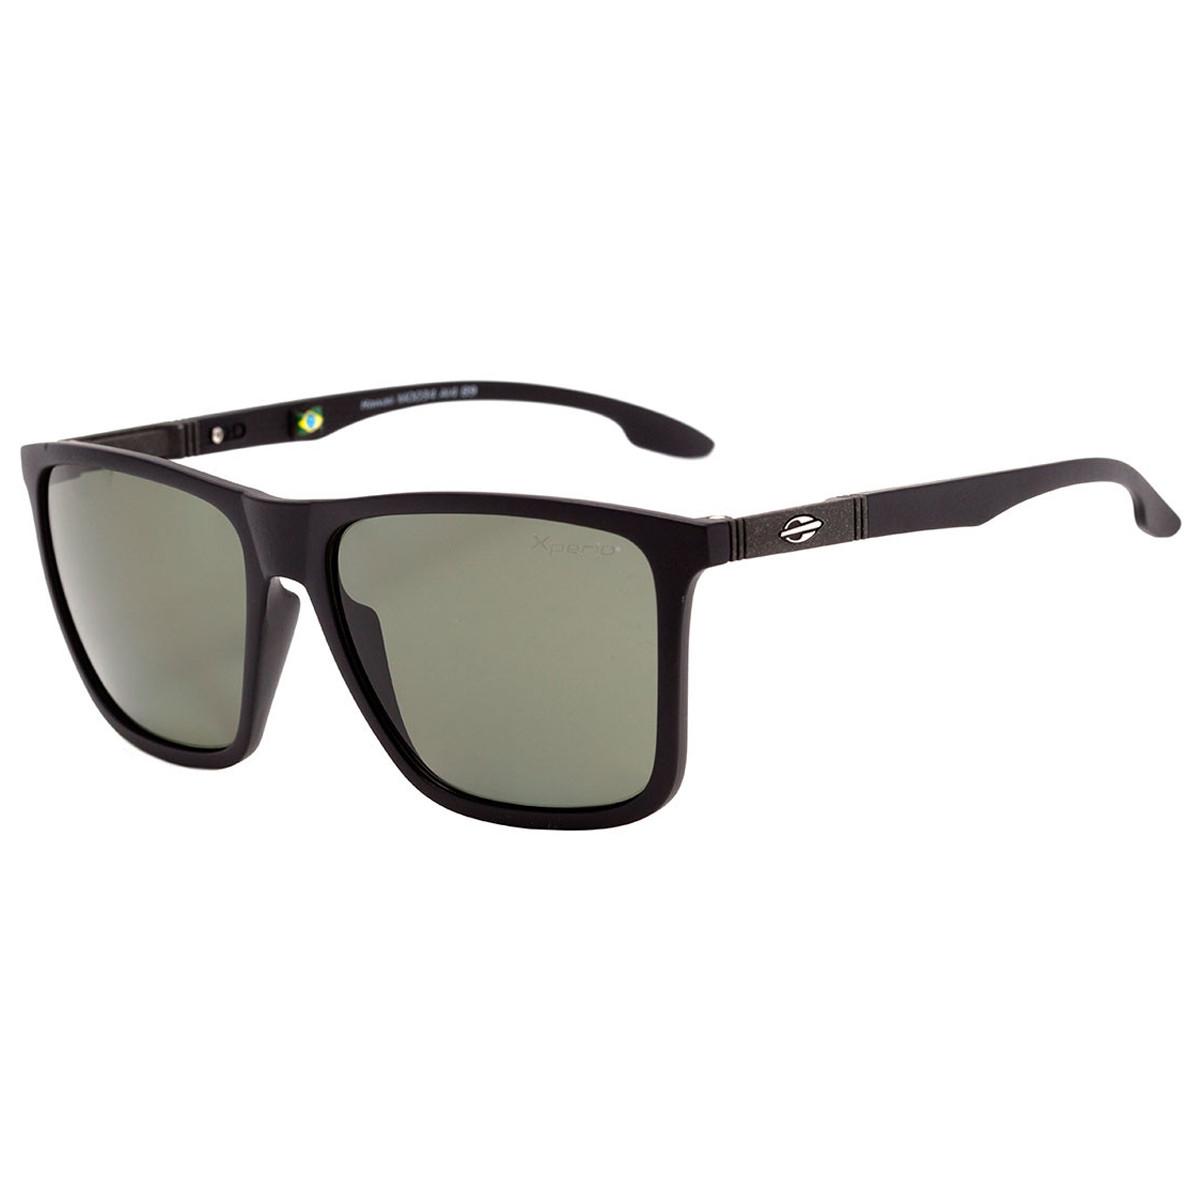 539d88070e103 Óculos Mormaii Hawaii Preto Fosco  Lente G15 Polarizado ref M0034A1489